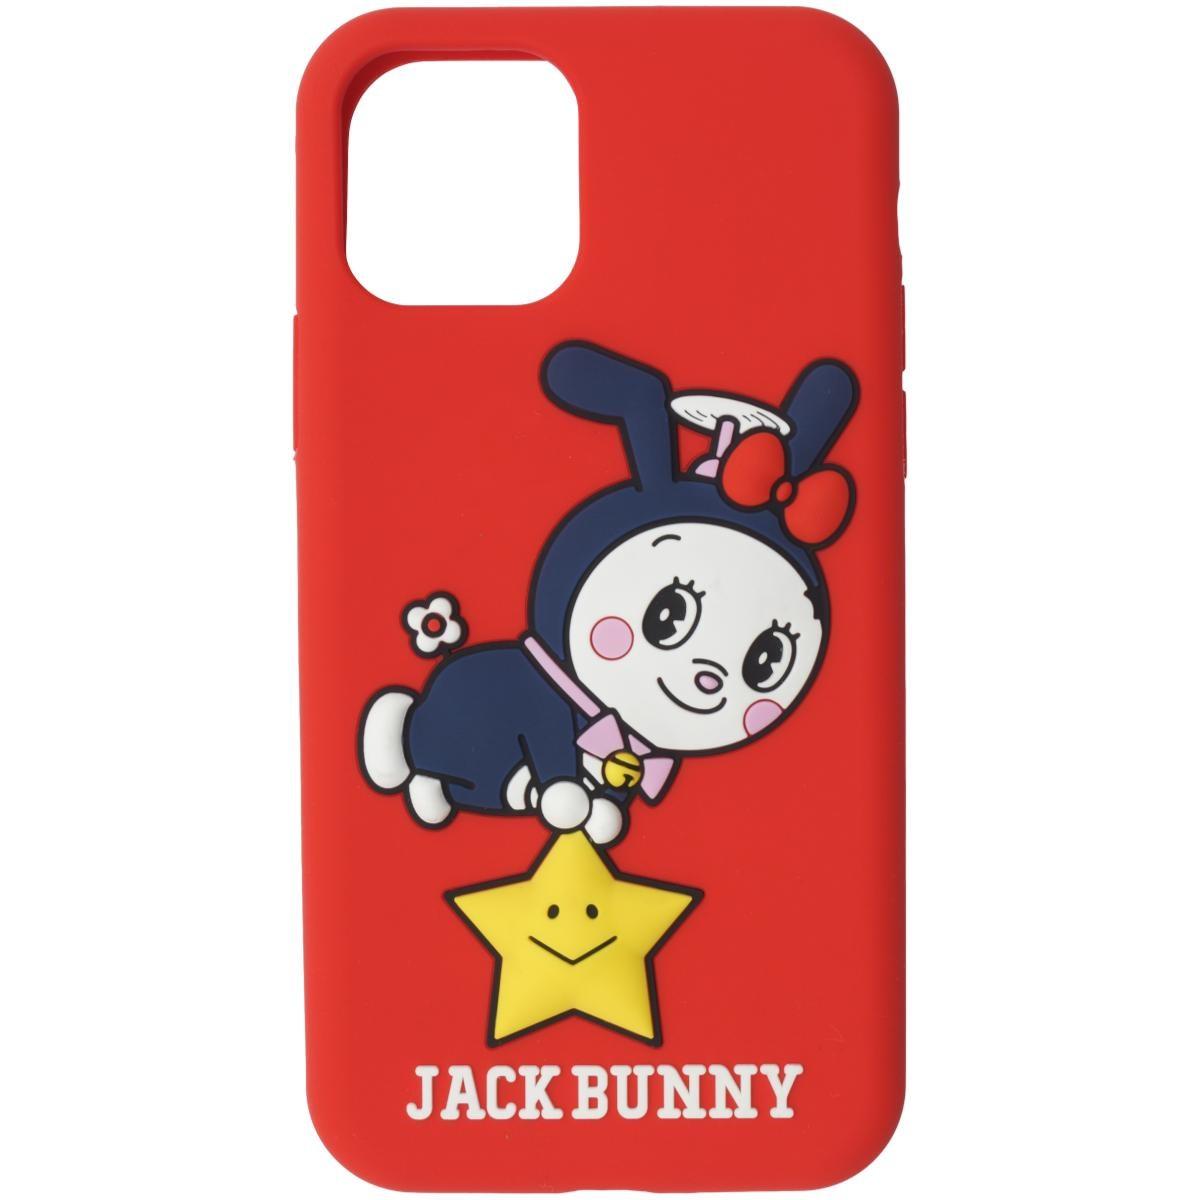 [2020年モデル] ジャックバニー ドラえもん 願い星iPhoneケース 11PRO対応 レッド 100 メンズ ゴルフ